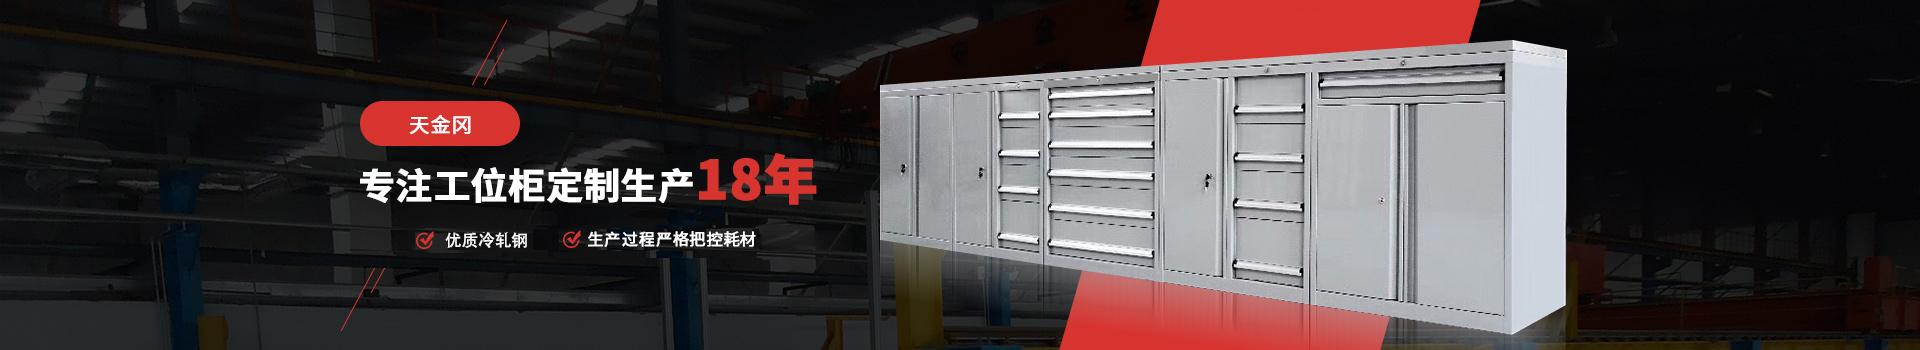 天金冈专注工位柜定制生产18年